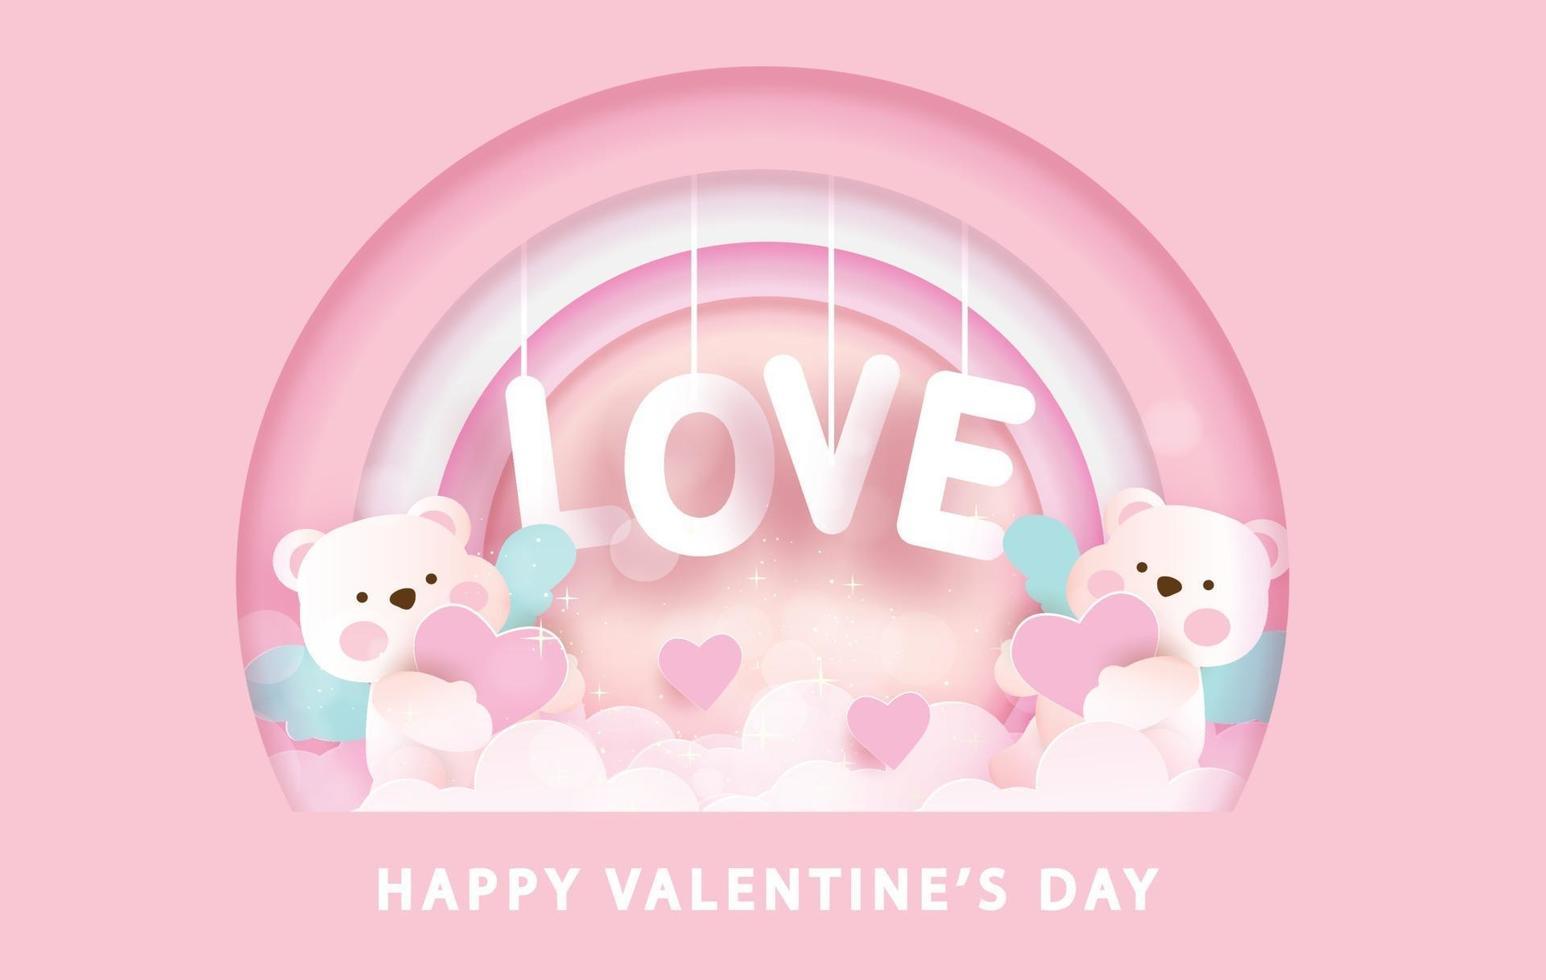 Alla hjärtans gratulationskort med söta amorbjörnar och kärlekstext vektor